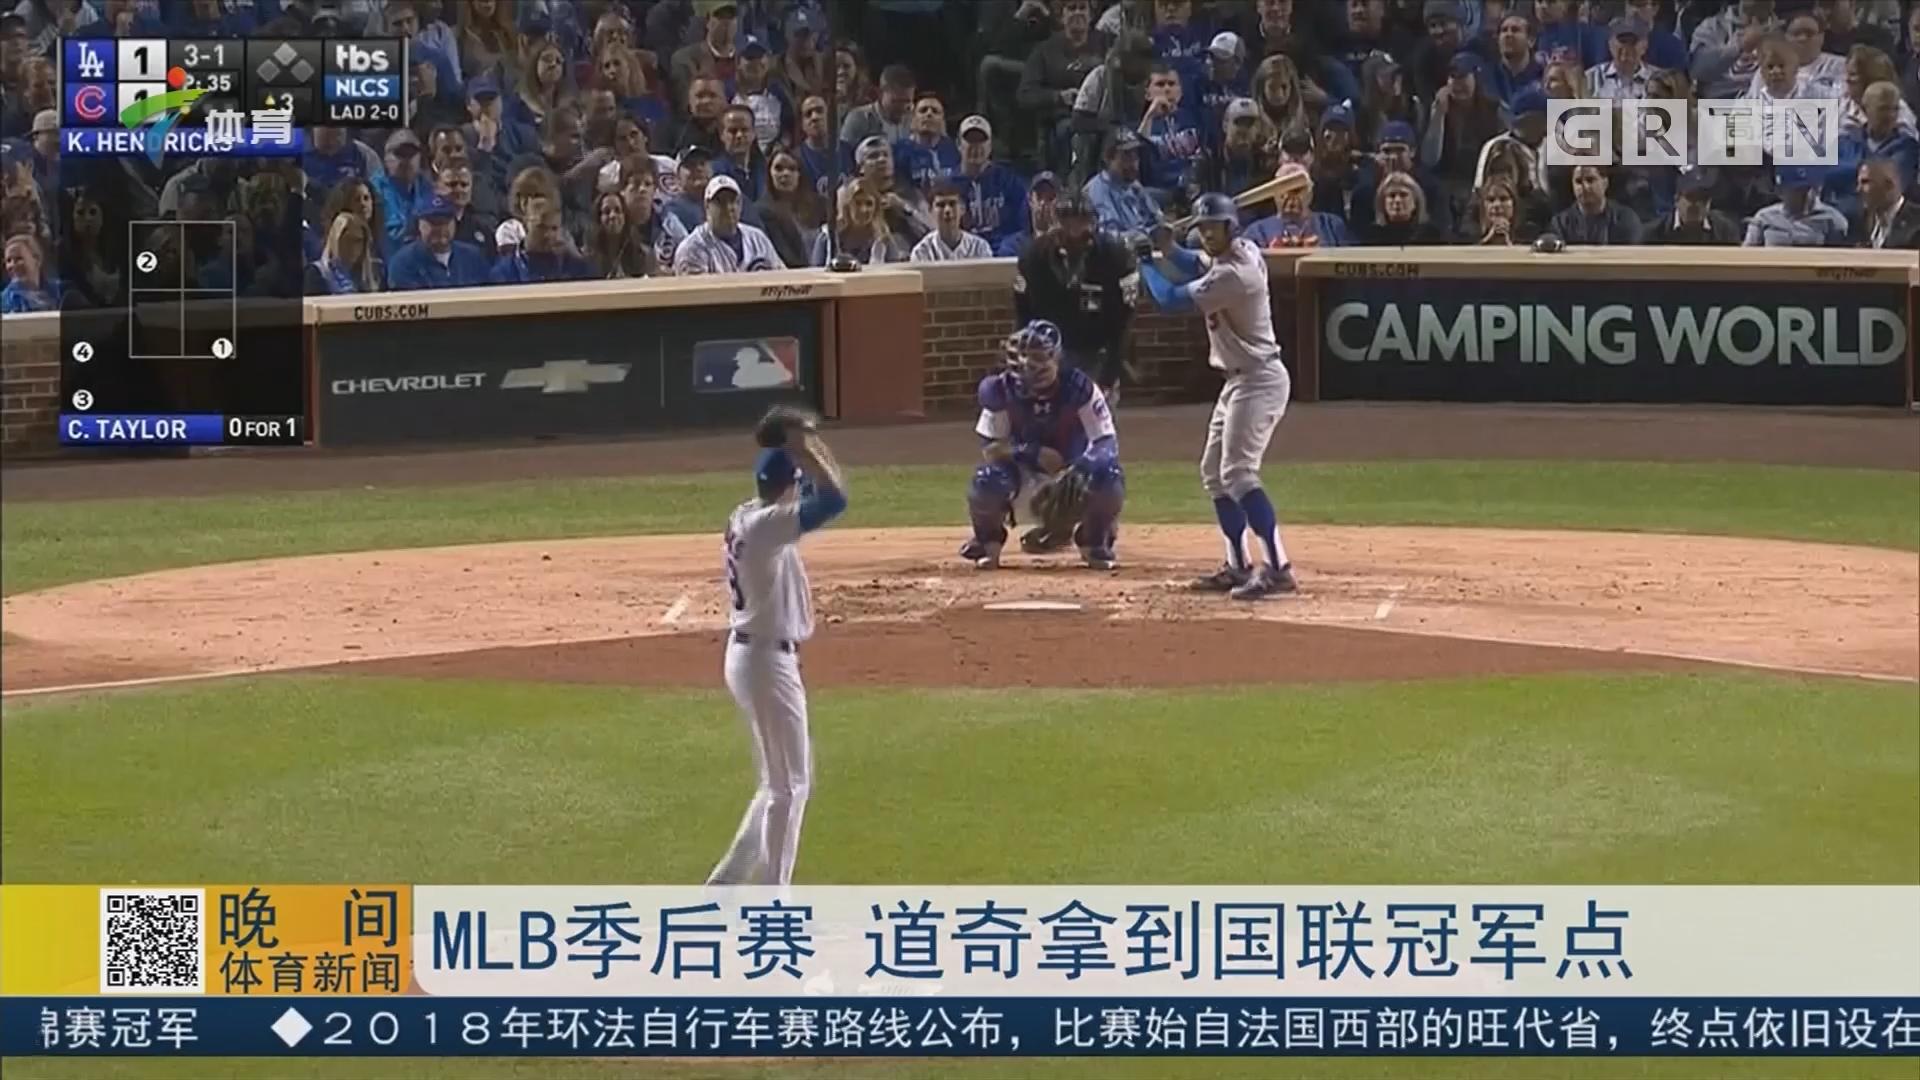 MLB季后赛 道奇拿到国联冠军点